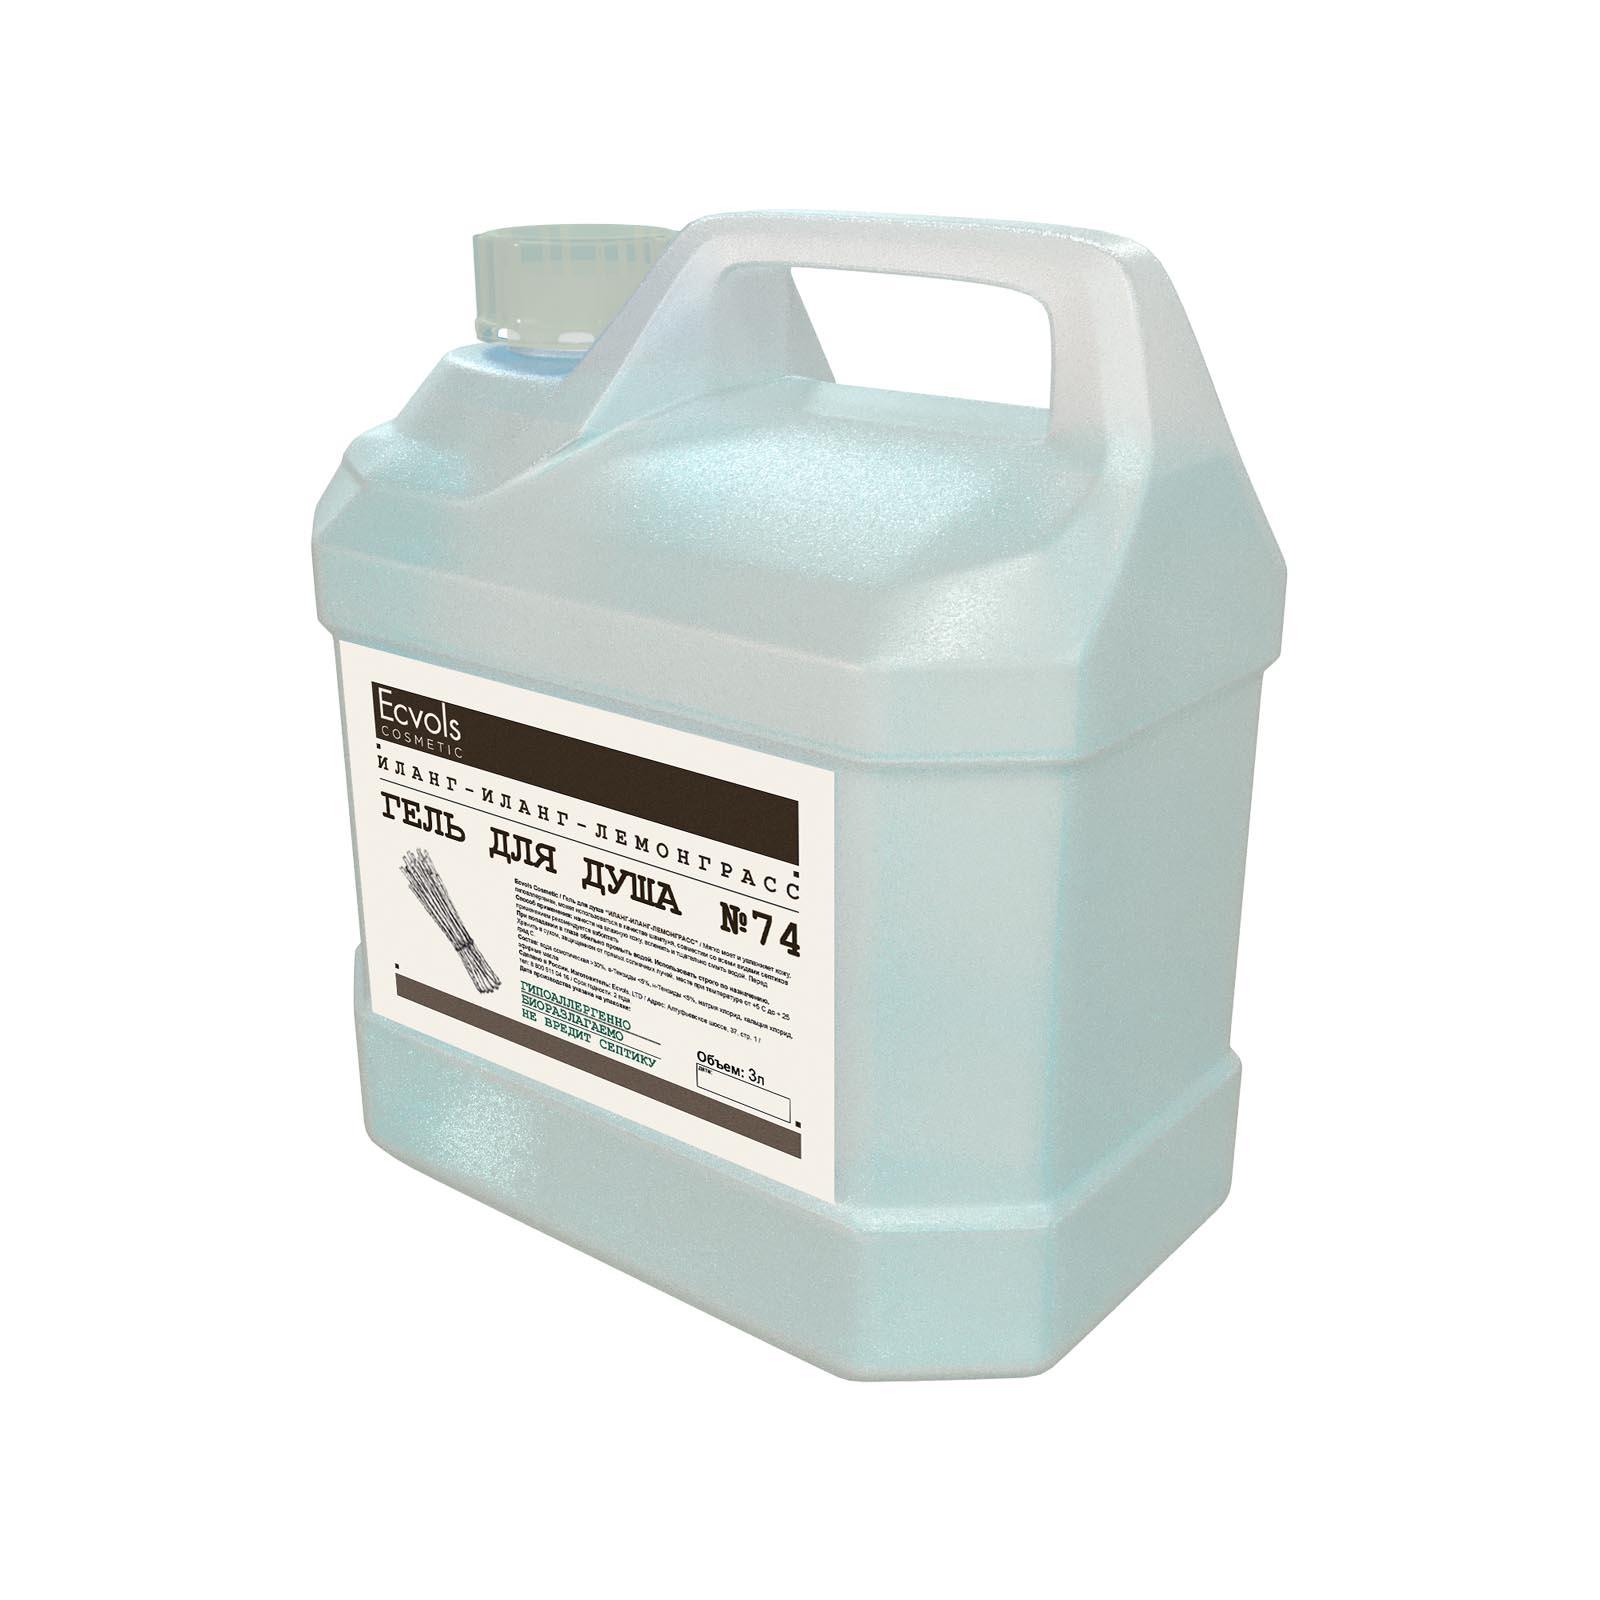 Купить Гель для душа Ecvols с запахом иланг-иланг и лемонграсс с эффектом без слез 3 л